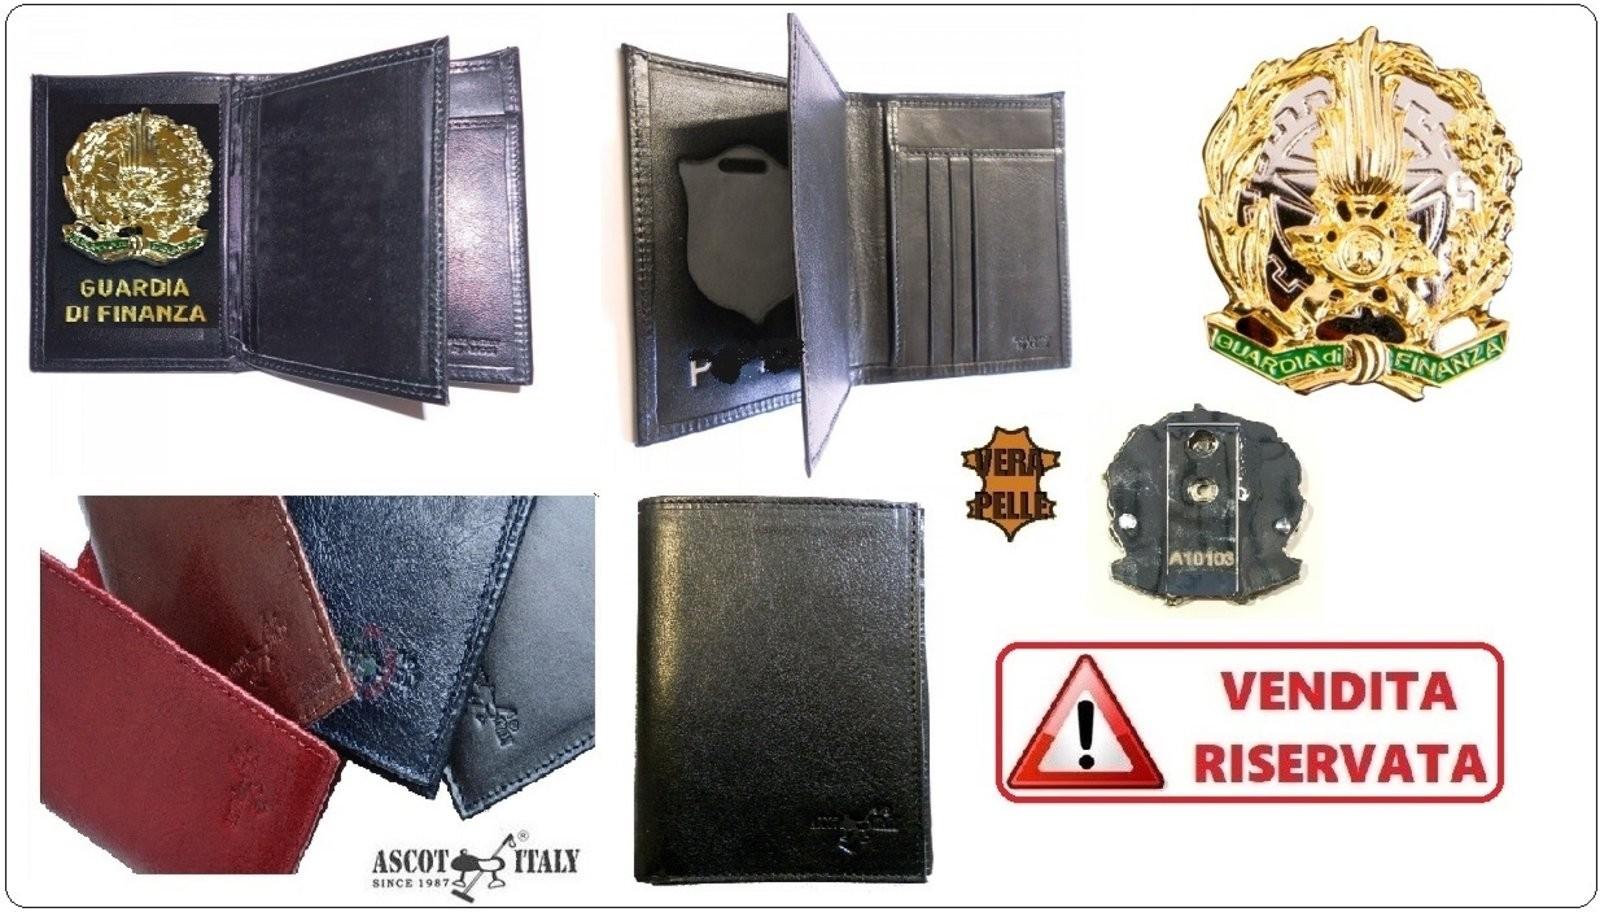 immagini ufficiali prezzo all'ingrosso autentica di fabbrica Portafoglio Pelle Portadocumenti Apertura a Libro Guardia di ...